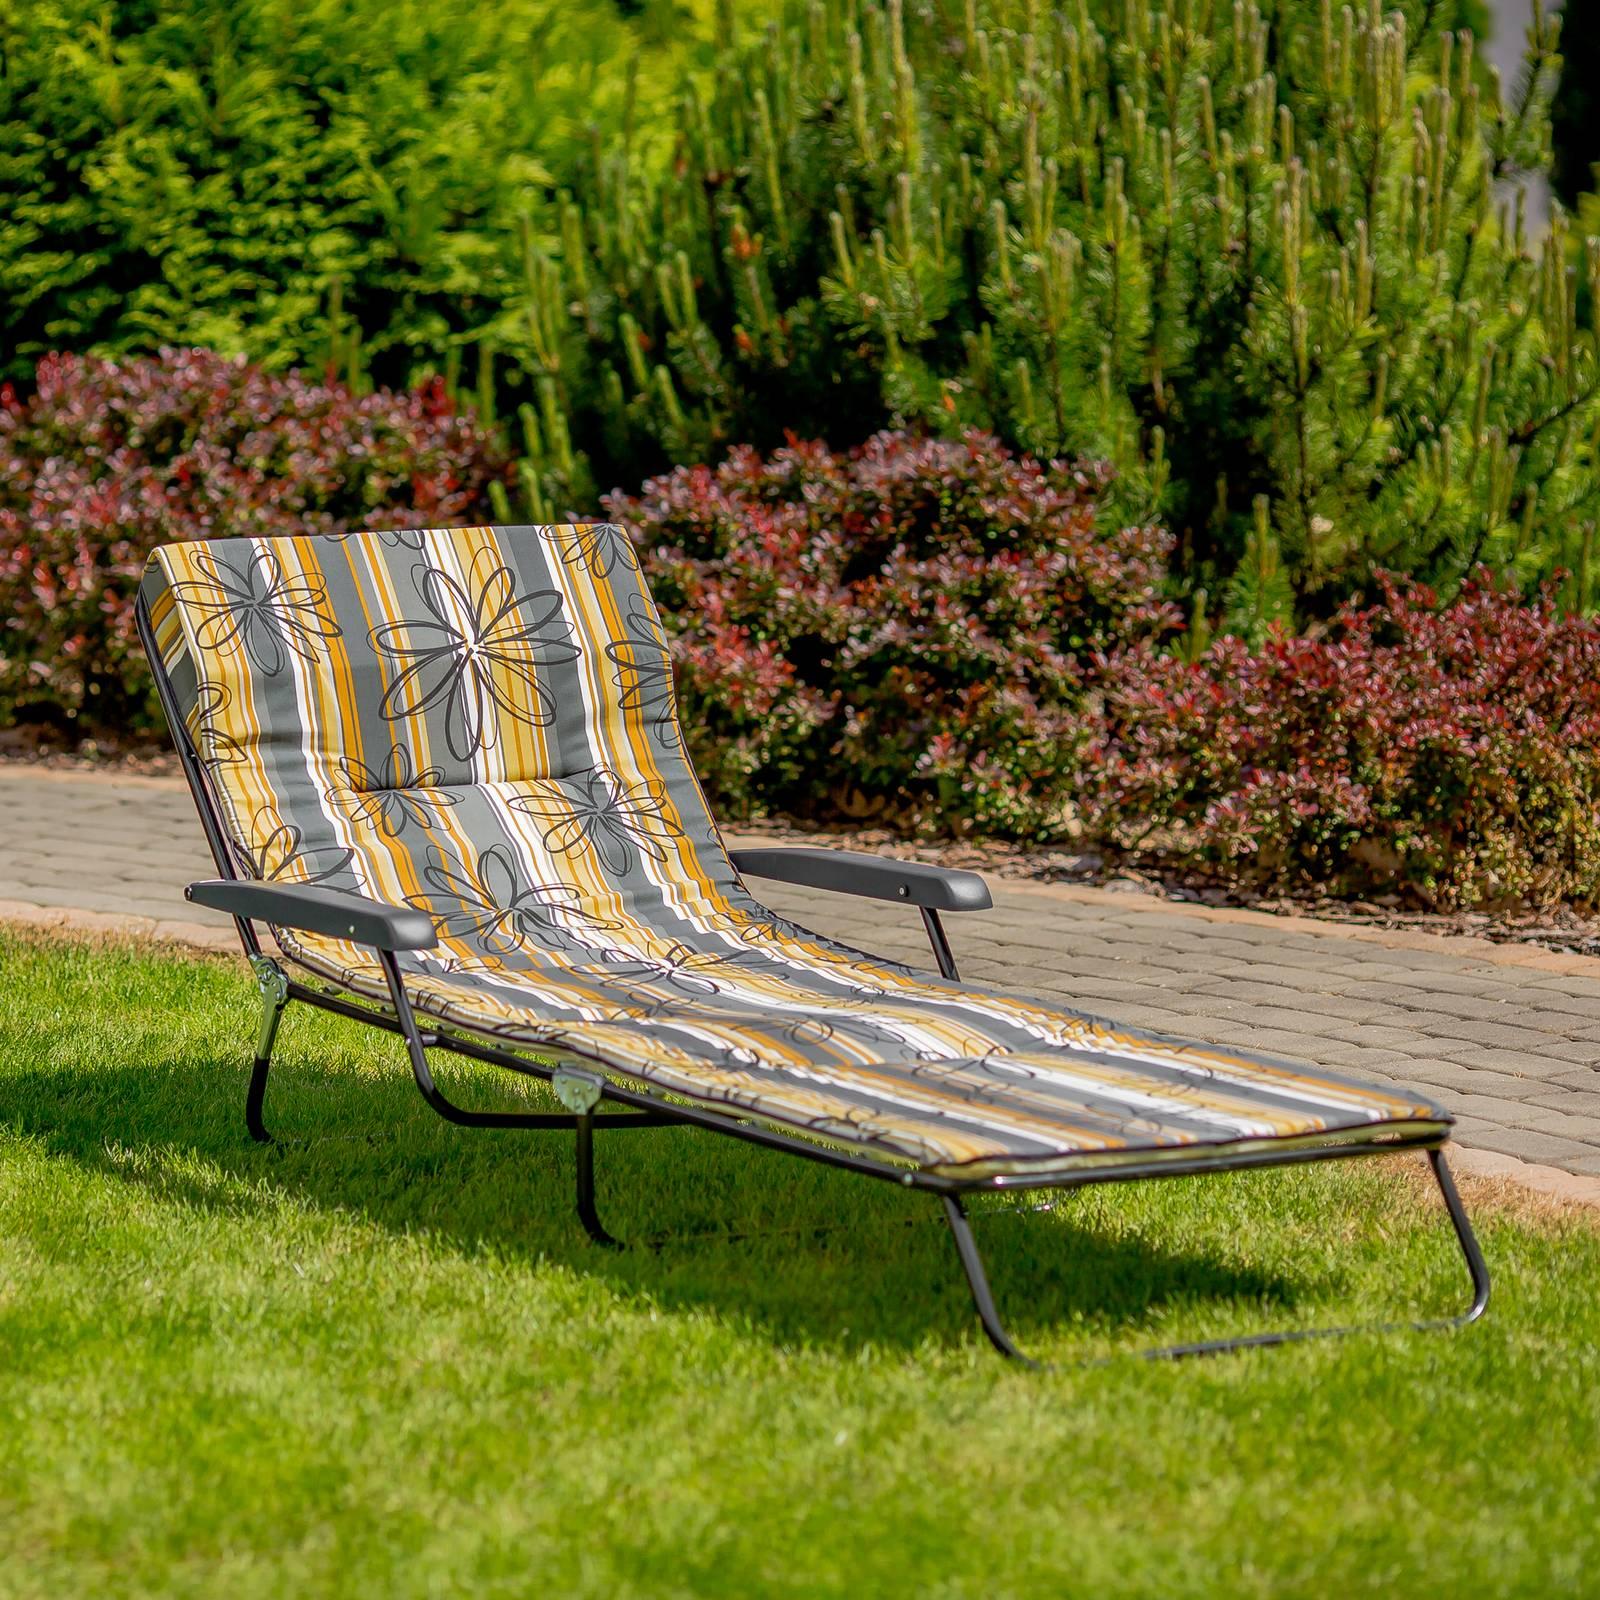 Polohovacie záhradné lehátko / lôžko Torino C037-16PB PATIO